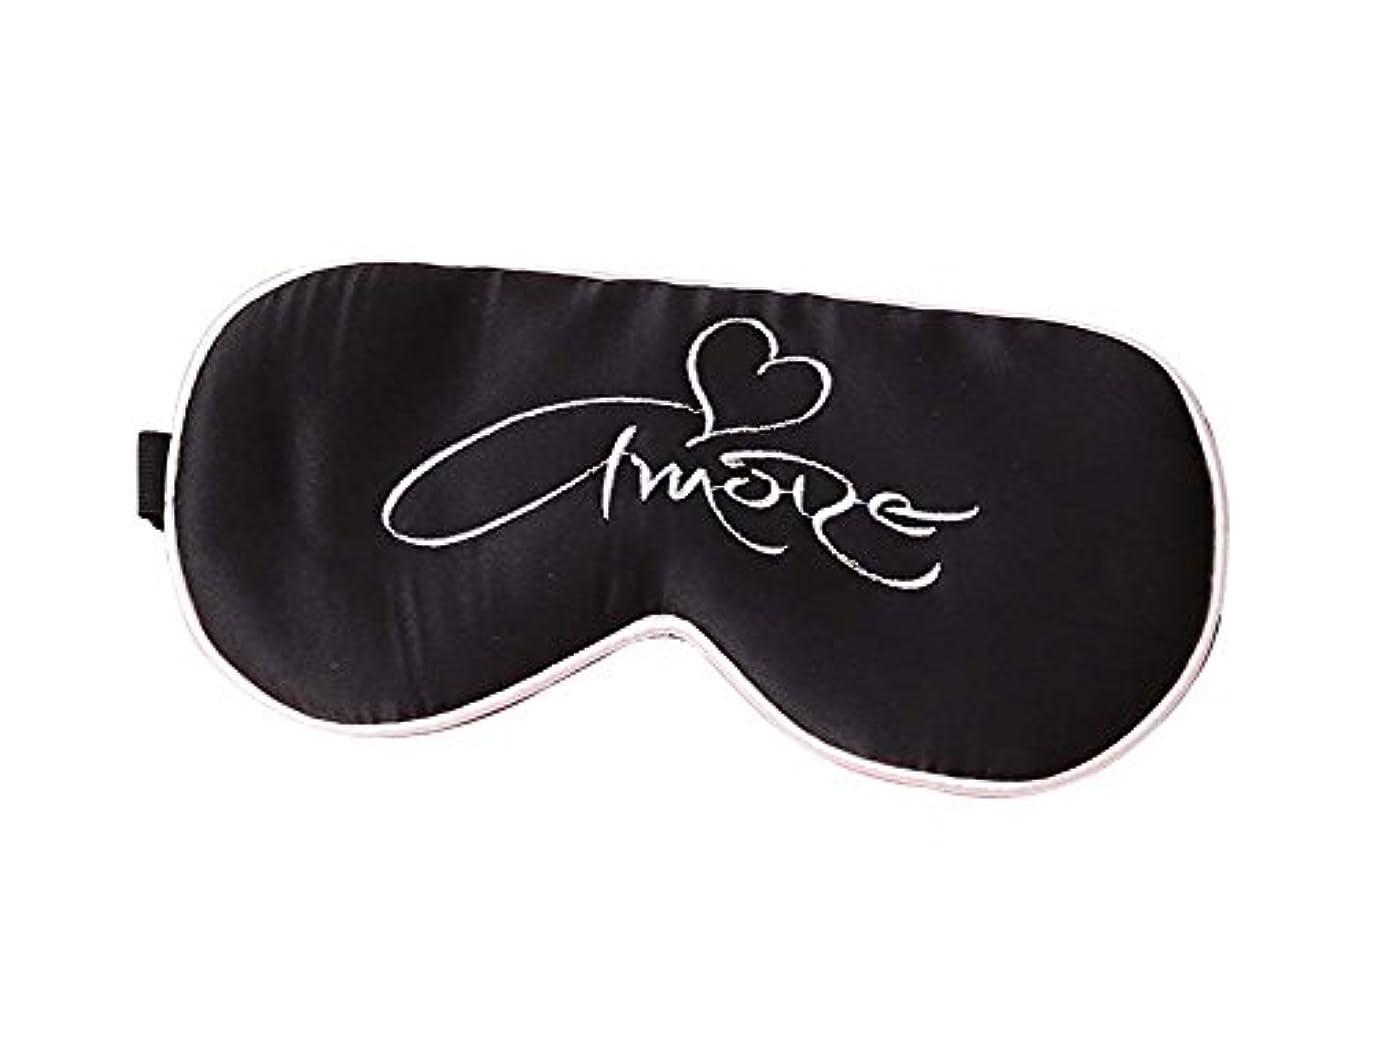 スキム喉が渇いた文芸黒い刺繍睡眠のアイマスクシルク快適なアイカバー通気性のアイシェード